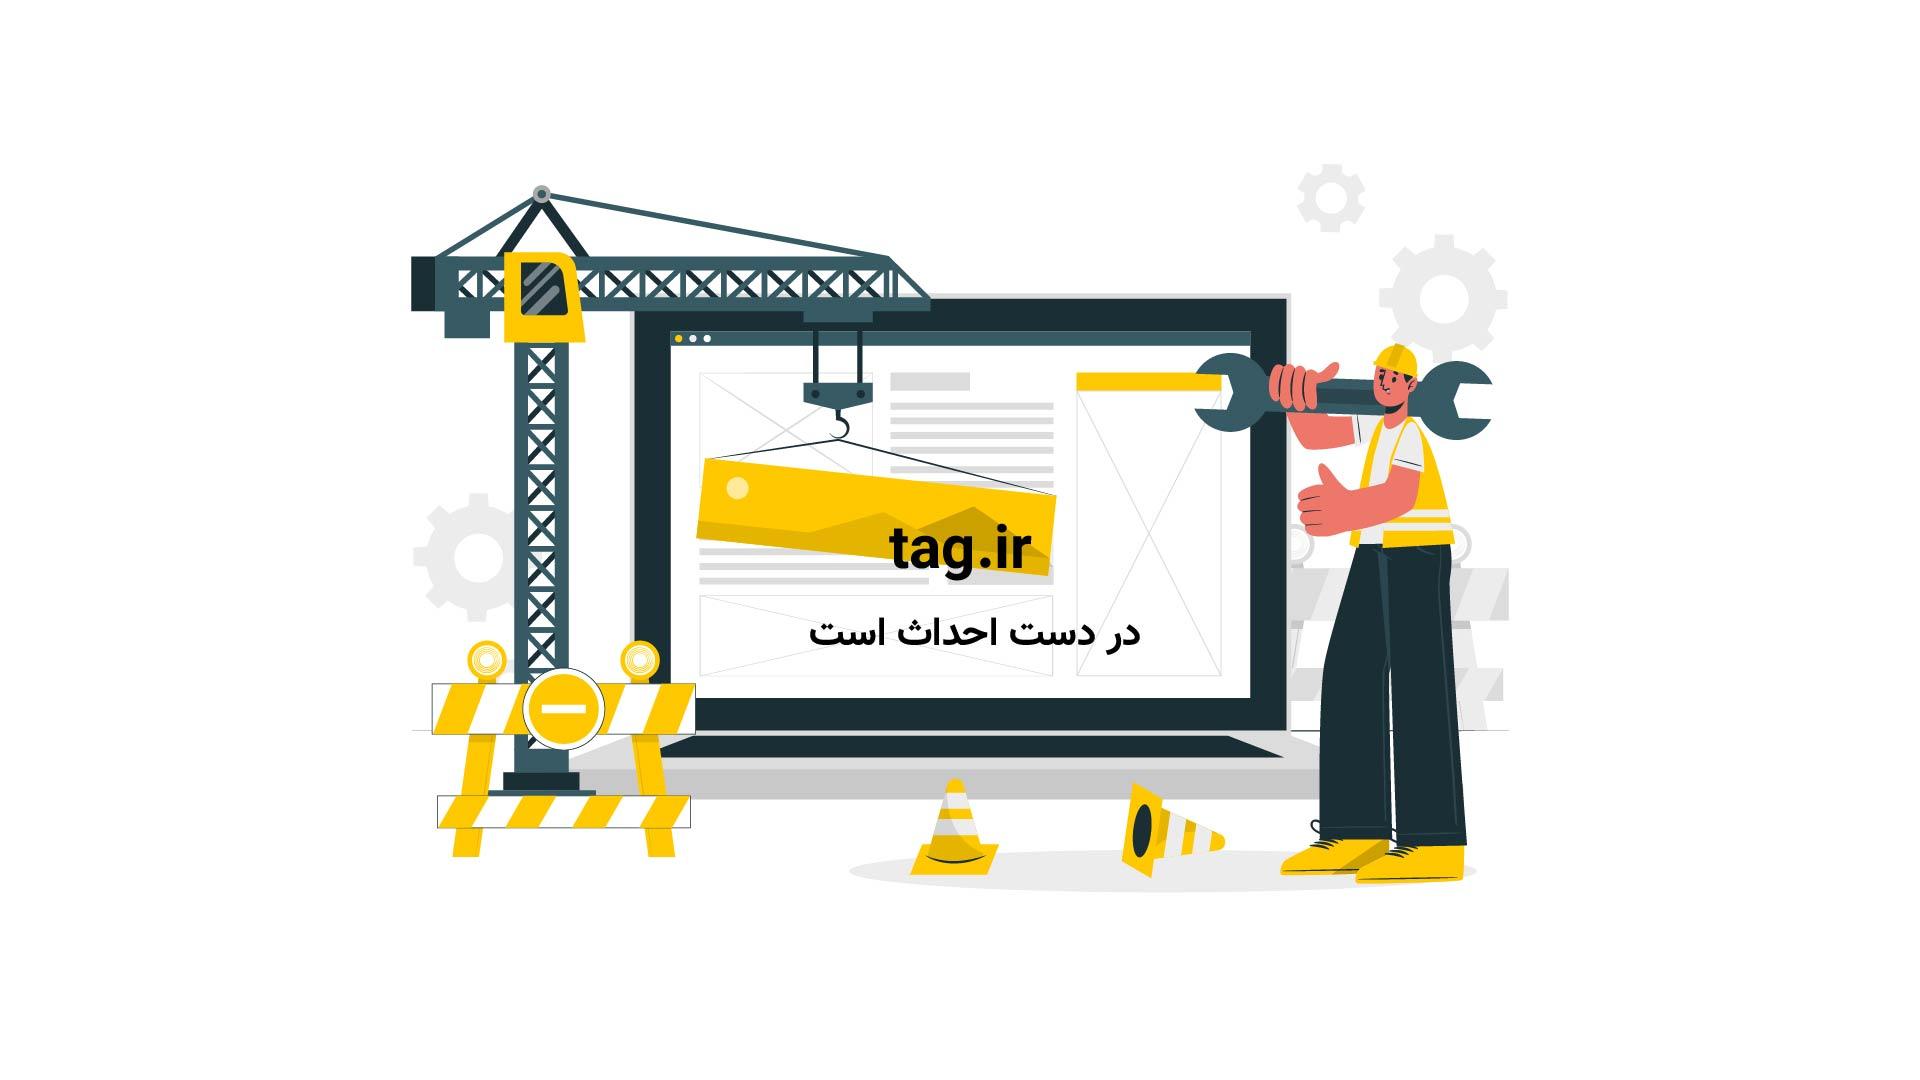 ماجرای جوگیری نیما کرمی و همسرش در برنامه زنده تلویزیونی | فیلم